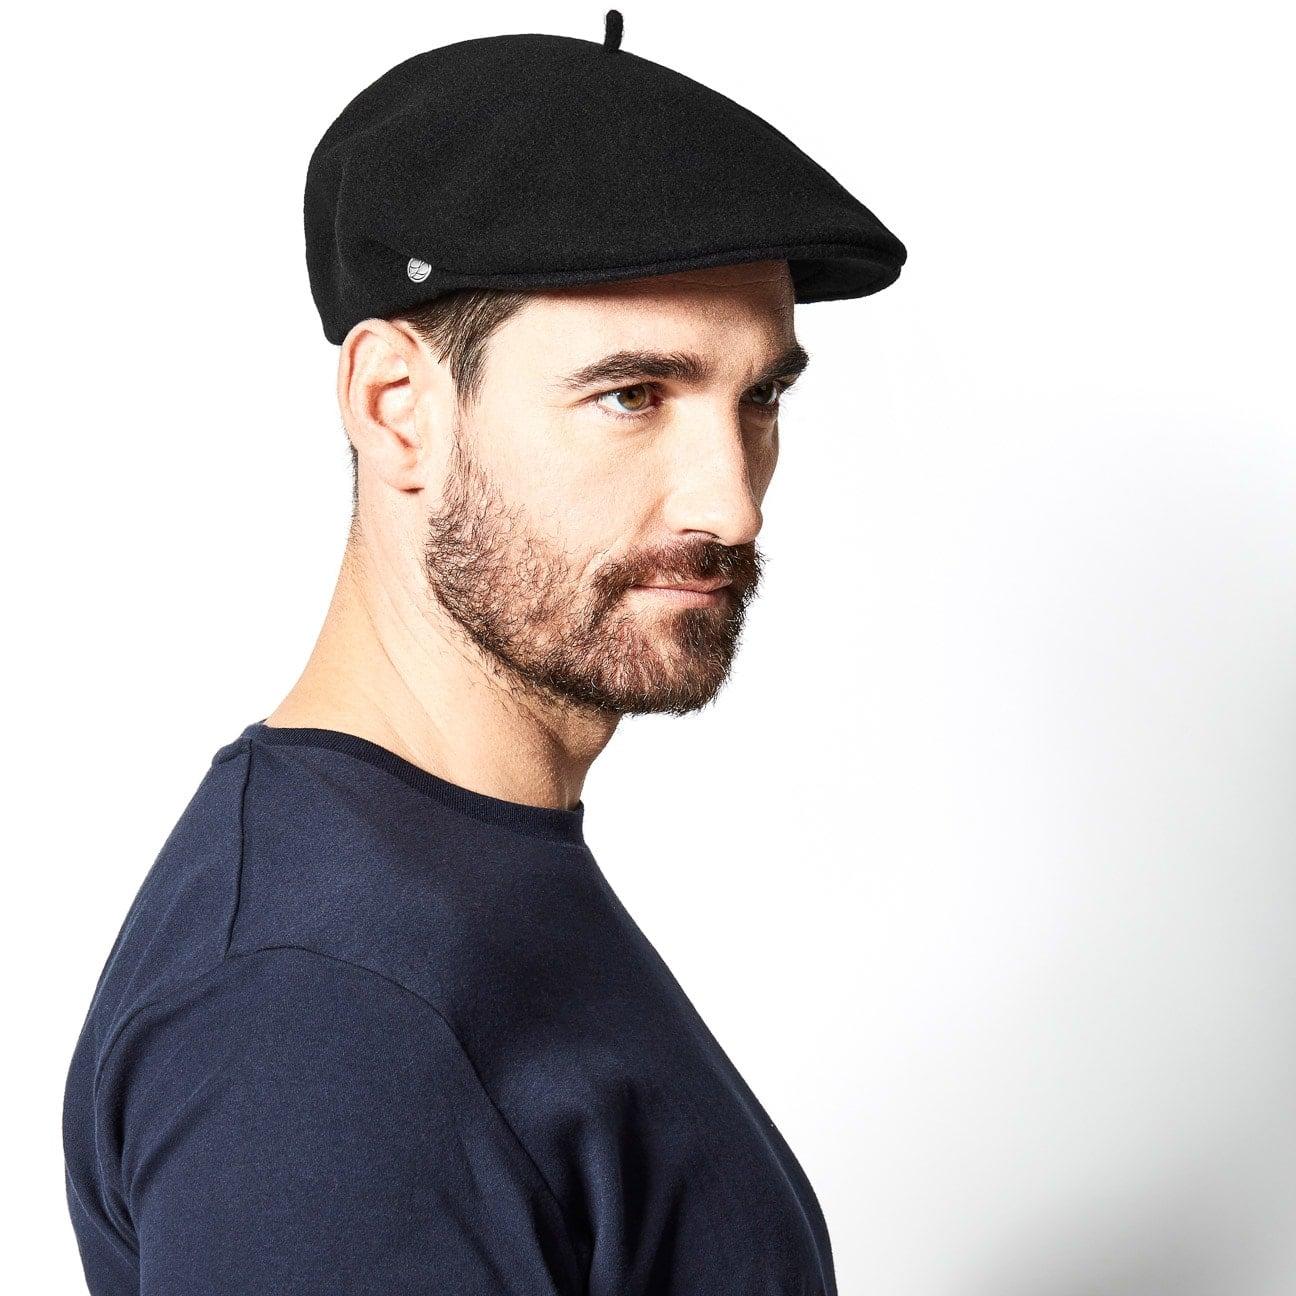 mode designer détaillant pas cher Lyon Beret Flat Cap by Héritage par Laulhère